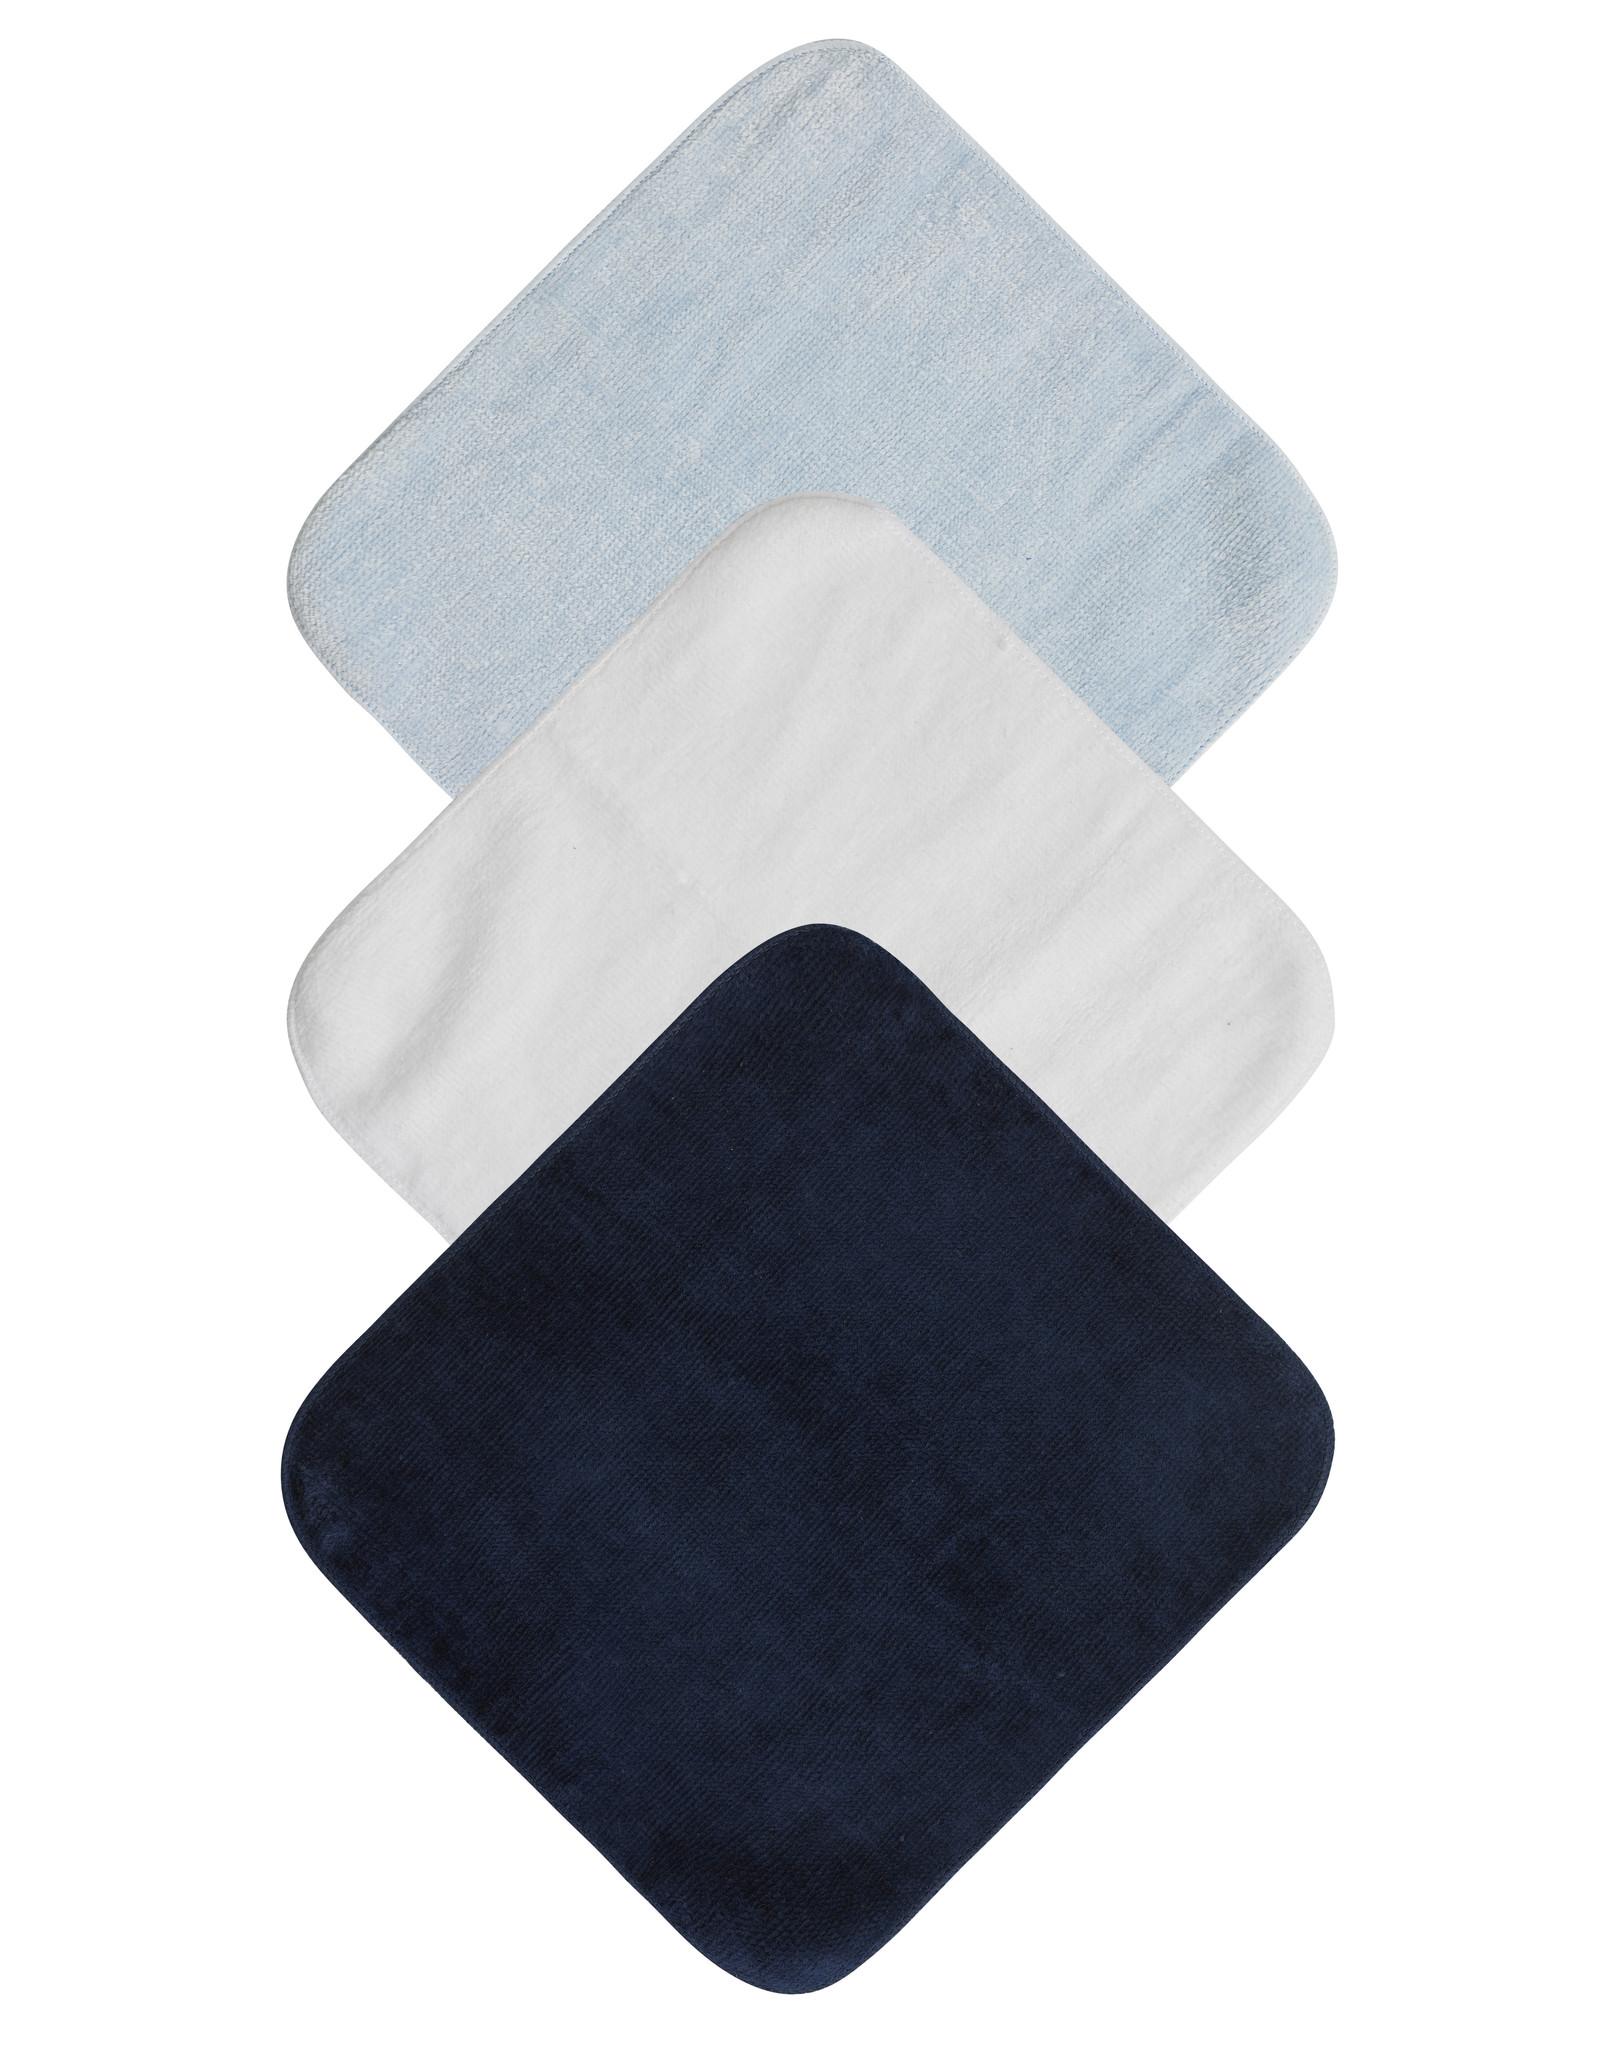 Mum2Mum Face Washers  Boy Mix 6 stuks in een verpakking - Copy